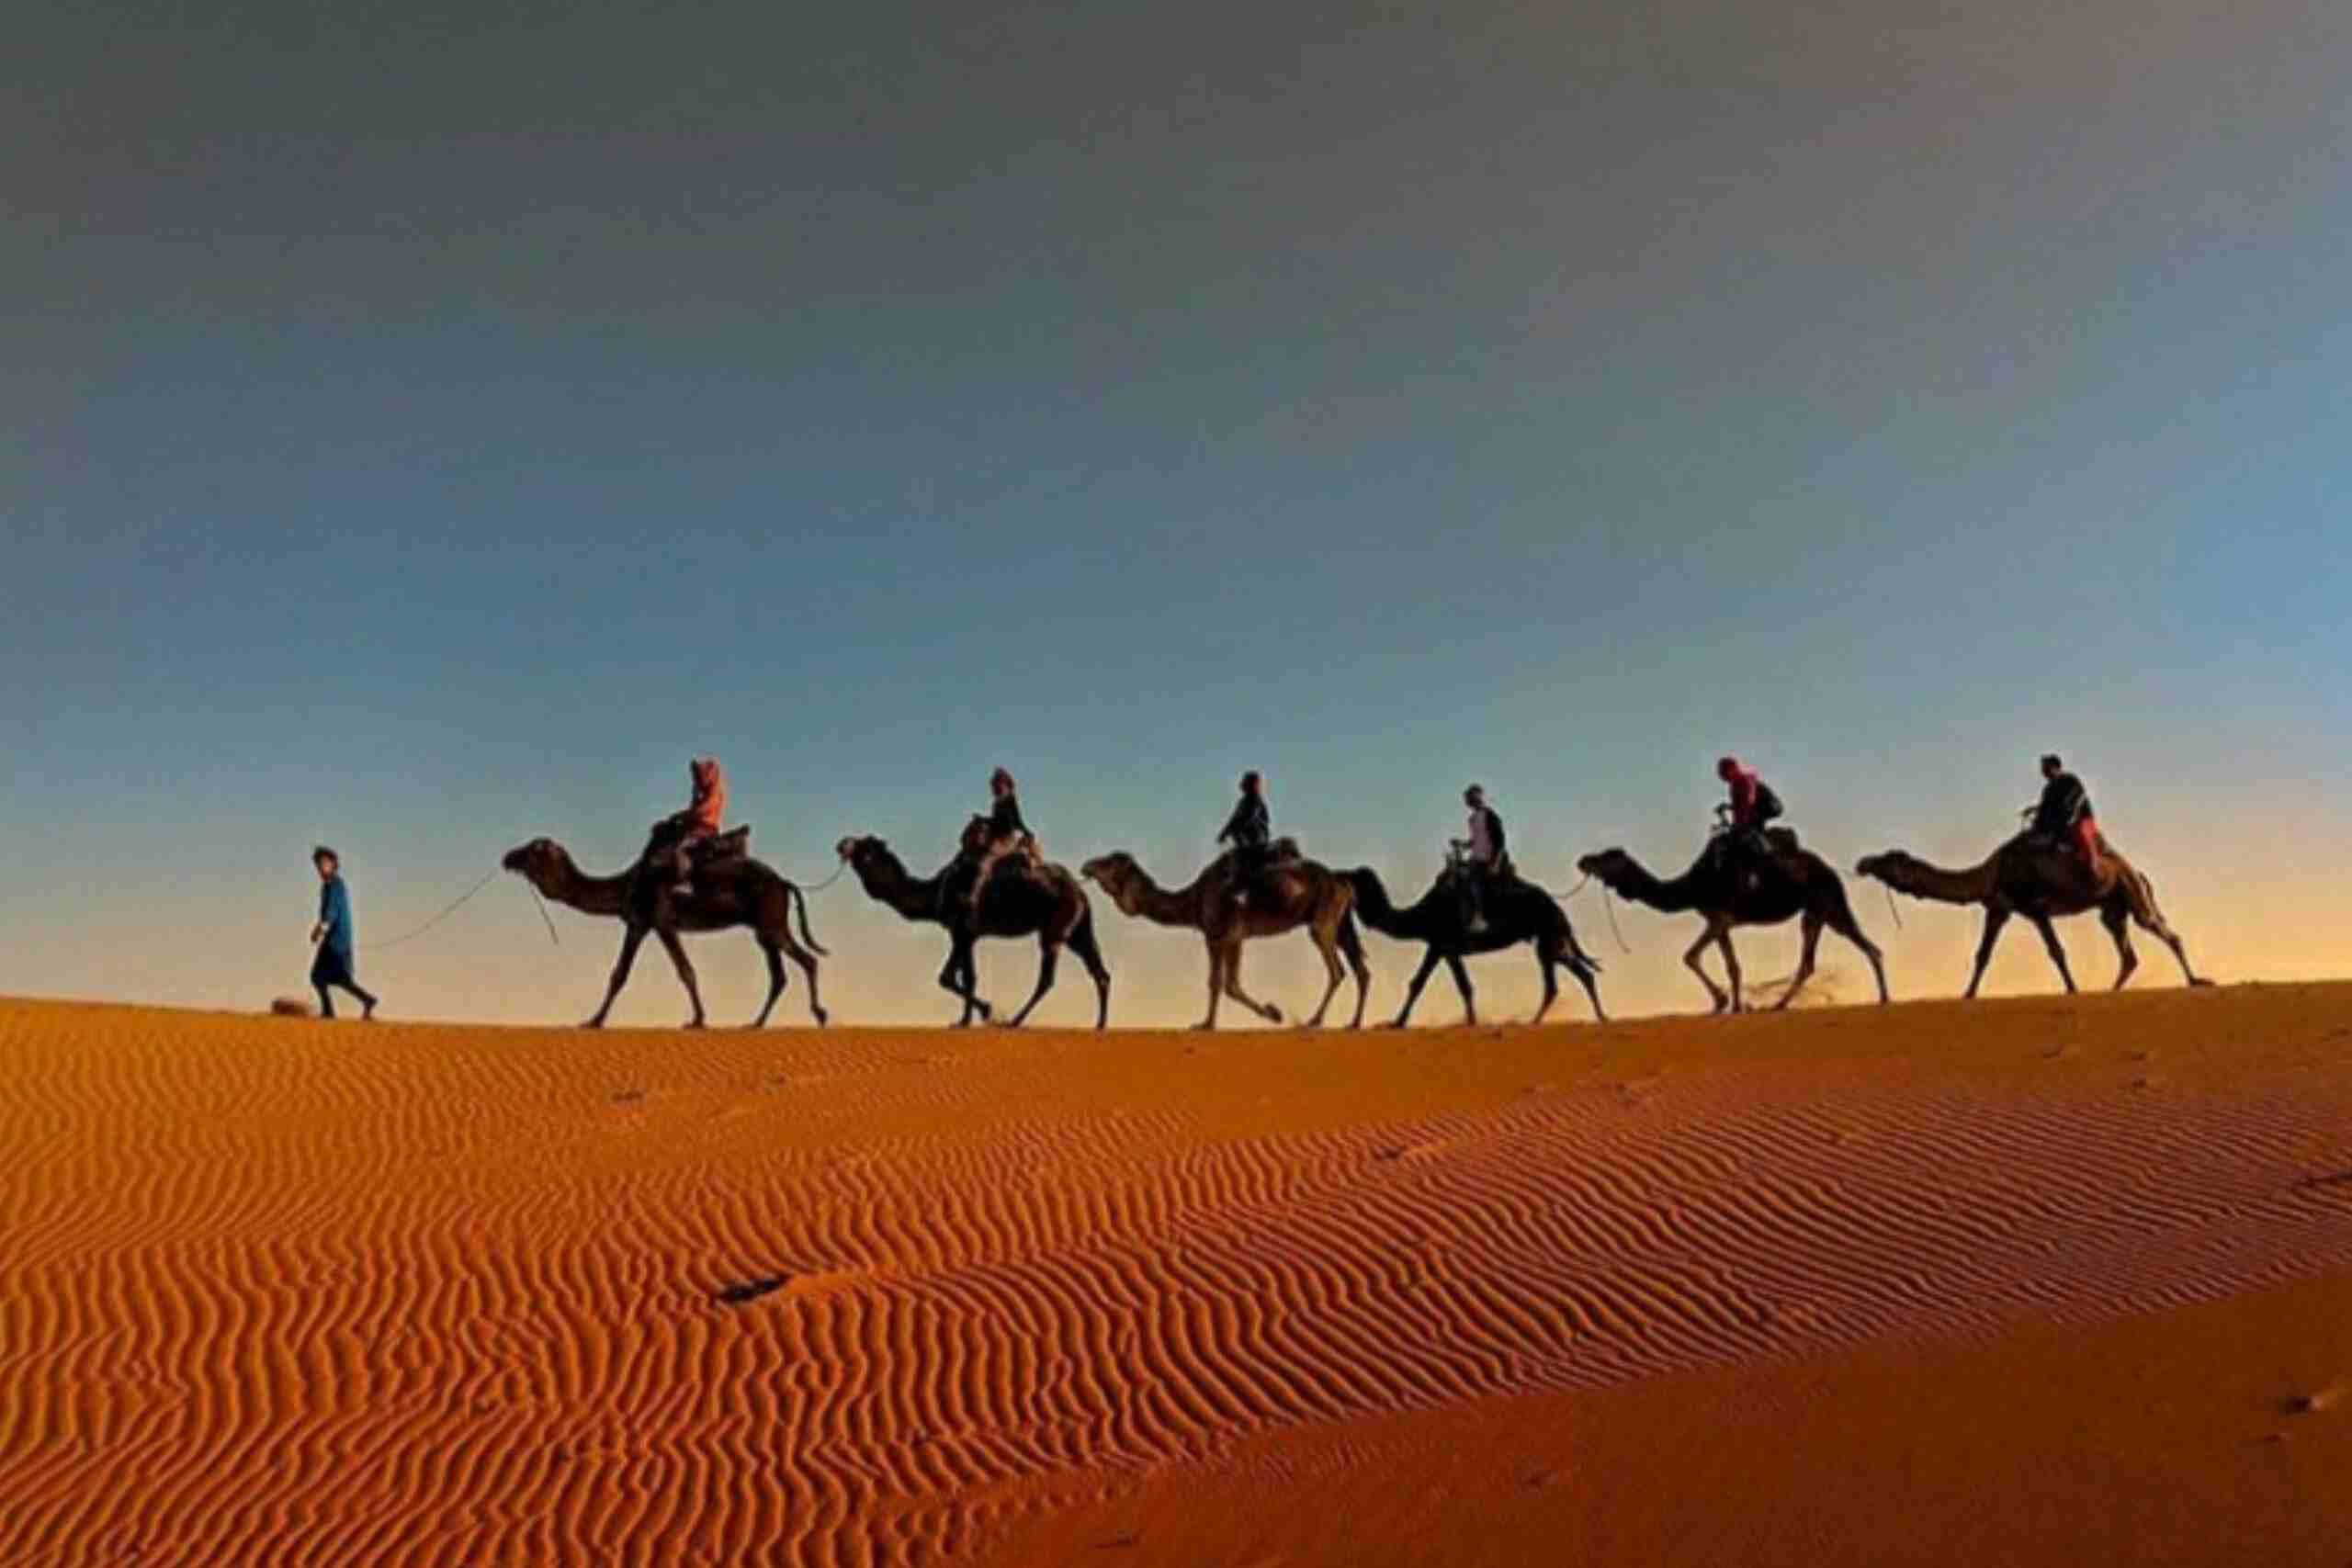 3 Day Desert Tour from Errachidia to Marrakech